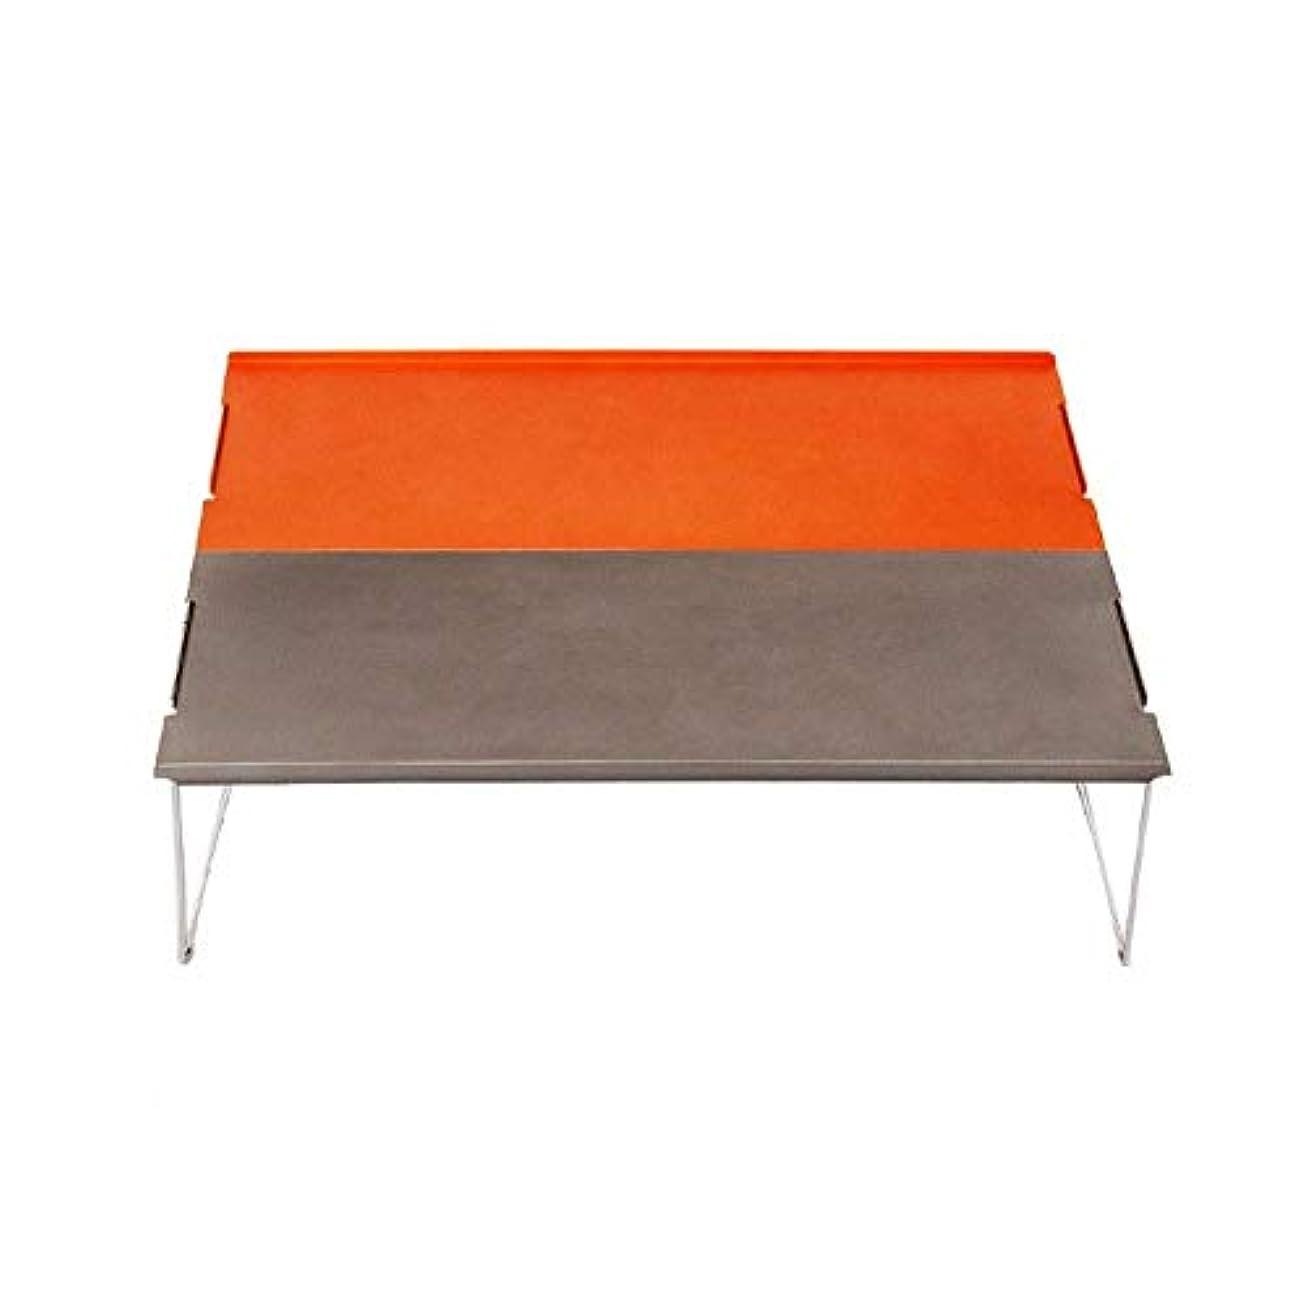 信条いろいろ敬の念屋外折りたたみピクニックテーブルアルミ合金ミニポータブル軽量カジュアル頑丈な耐久性のあるキャンプバーベキューガーデンテラス自動運転ビーチヤードオレンジ